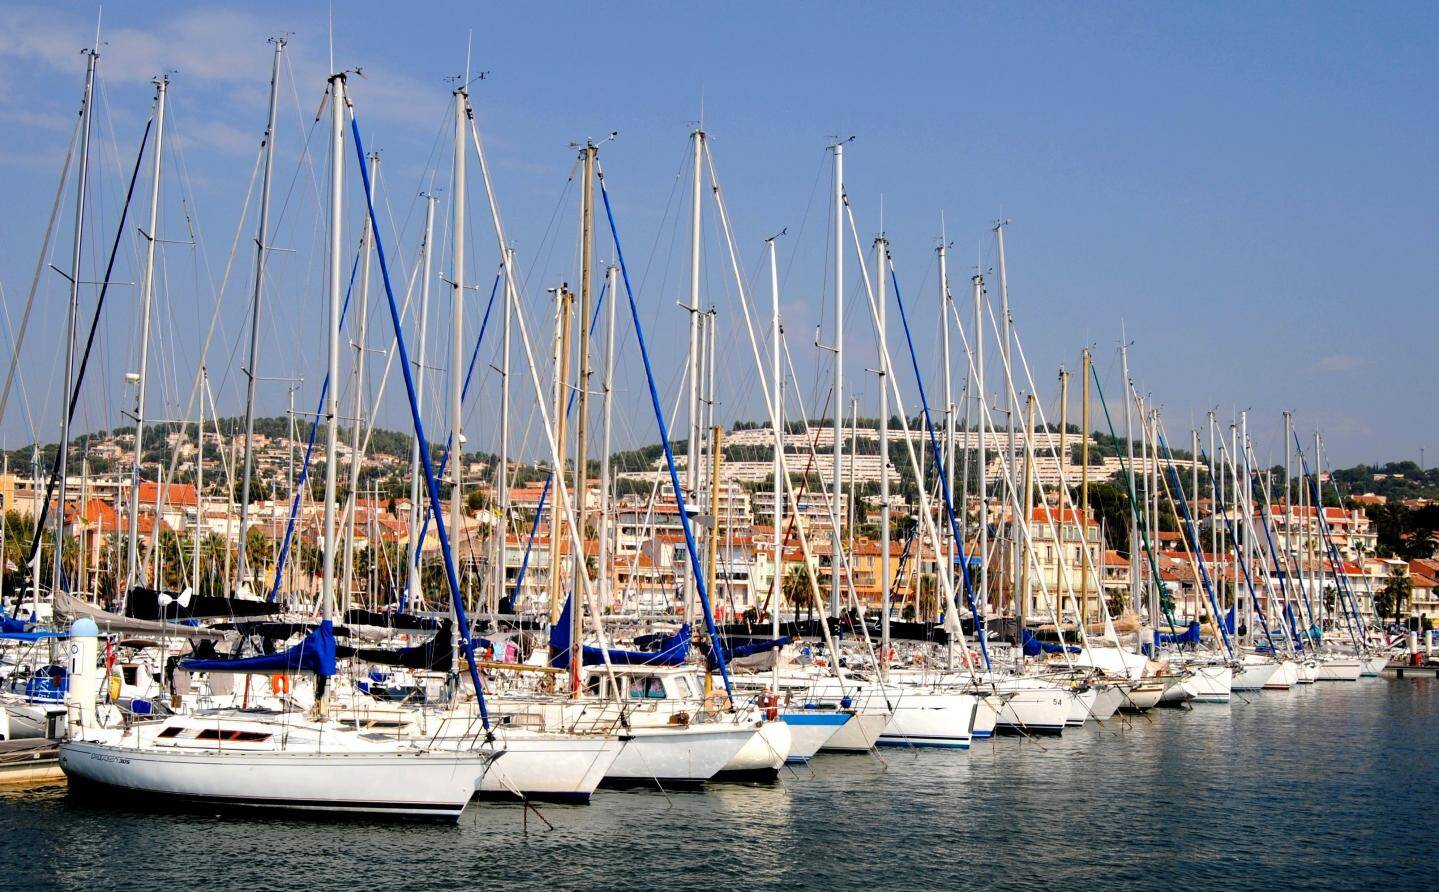 Neuvième port de plaisance de France avec 1 700 anneaux, il accueille de nombreux évènements nautiques Le port est équipé d'une station d'avitaillement et d'une aire de carénage ouvertes toute l'année, et propose des postes de 5 à 40 mètres en escale, saisonnier ou à l'année.